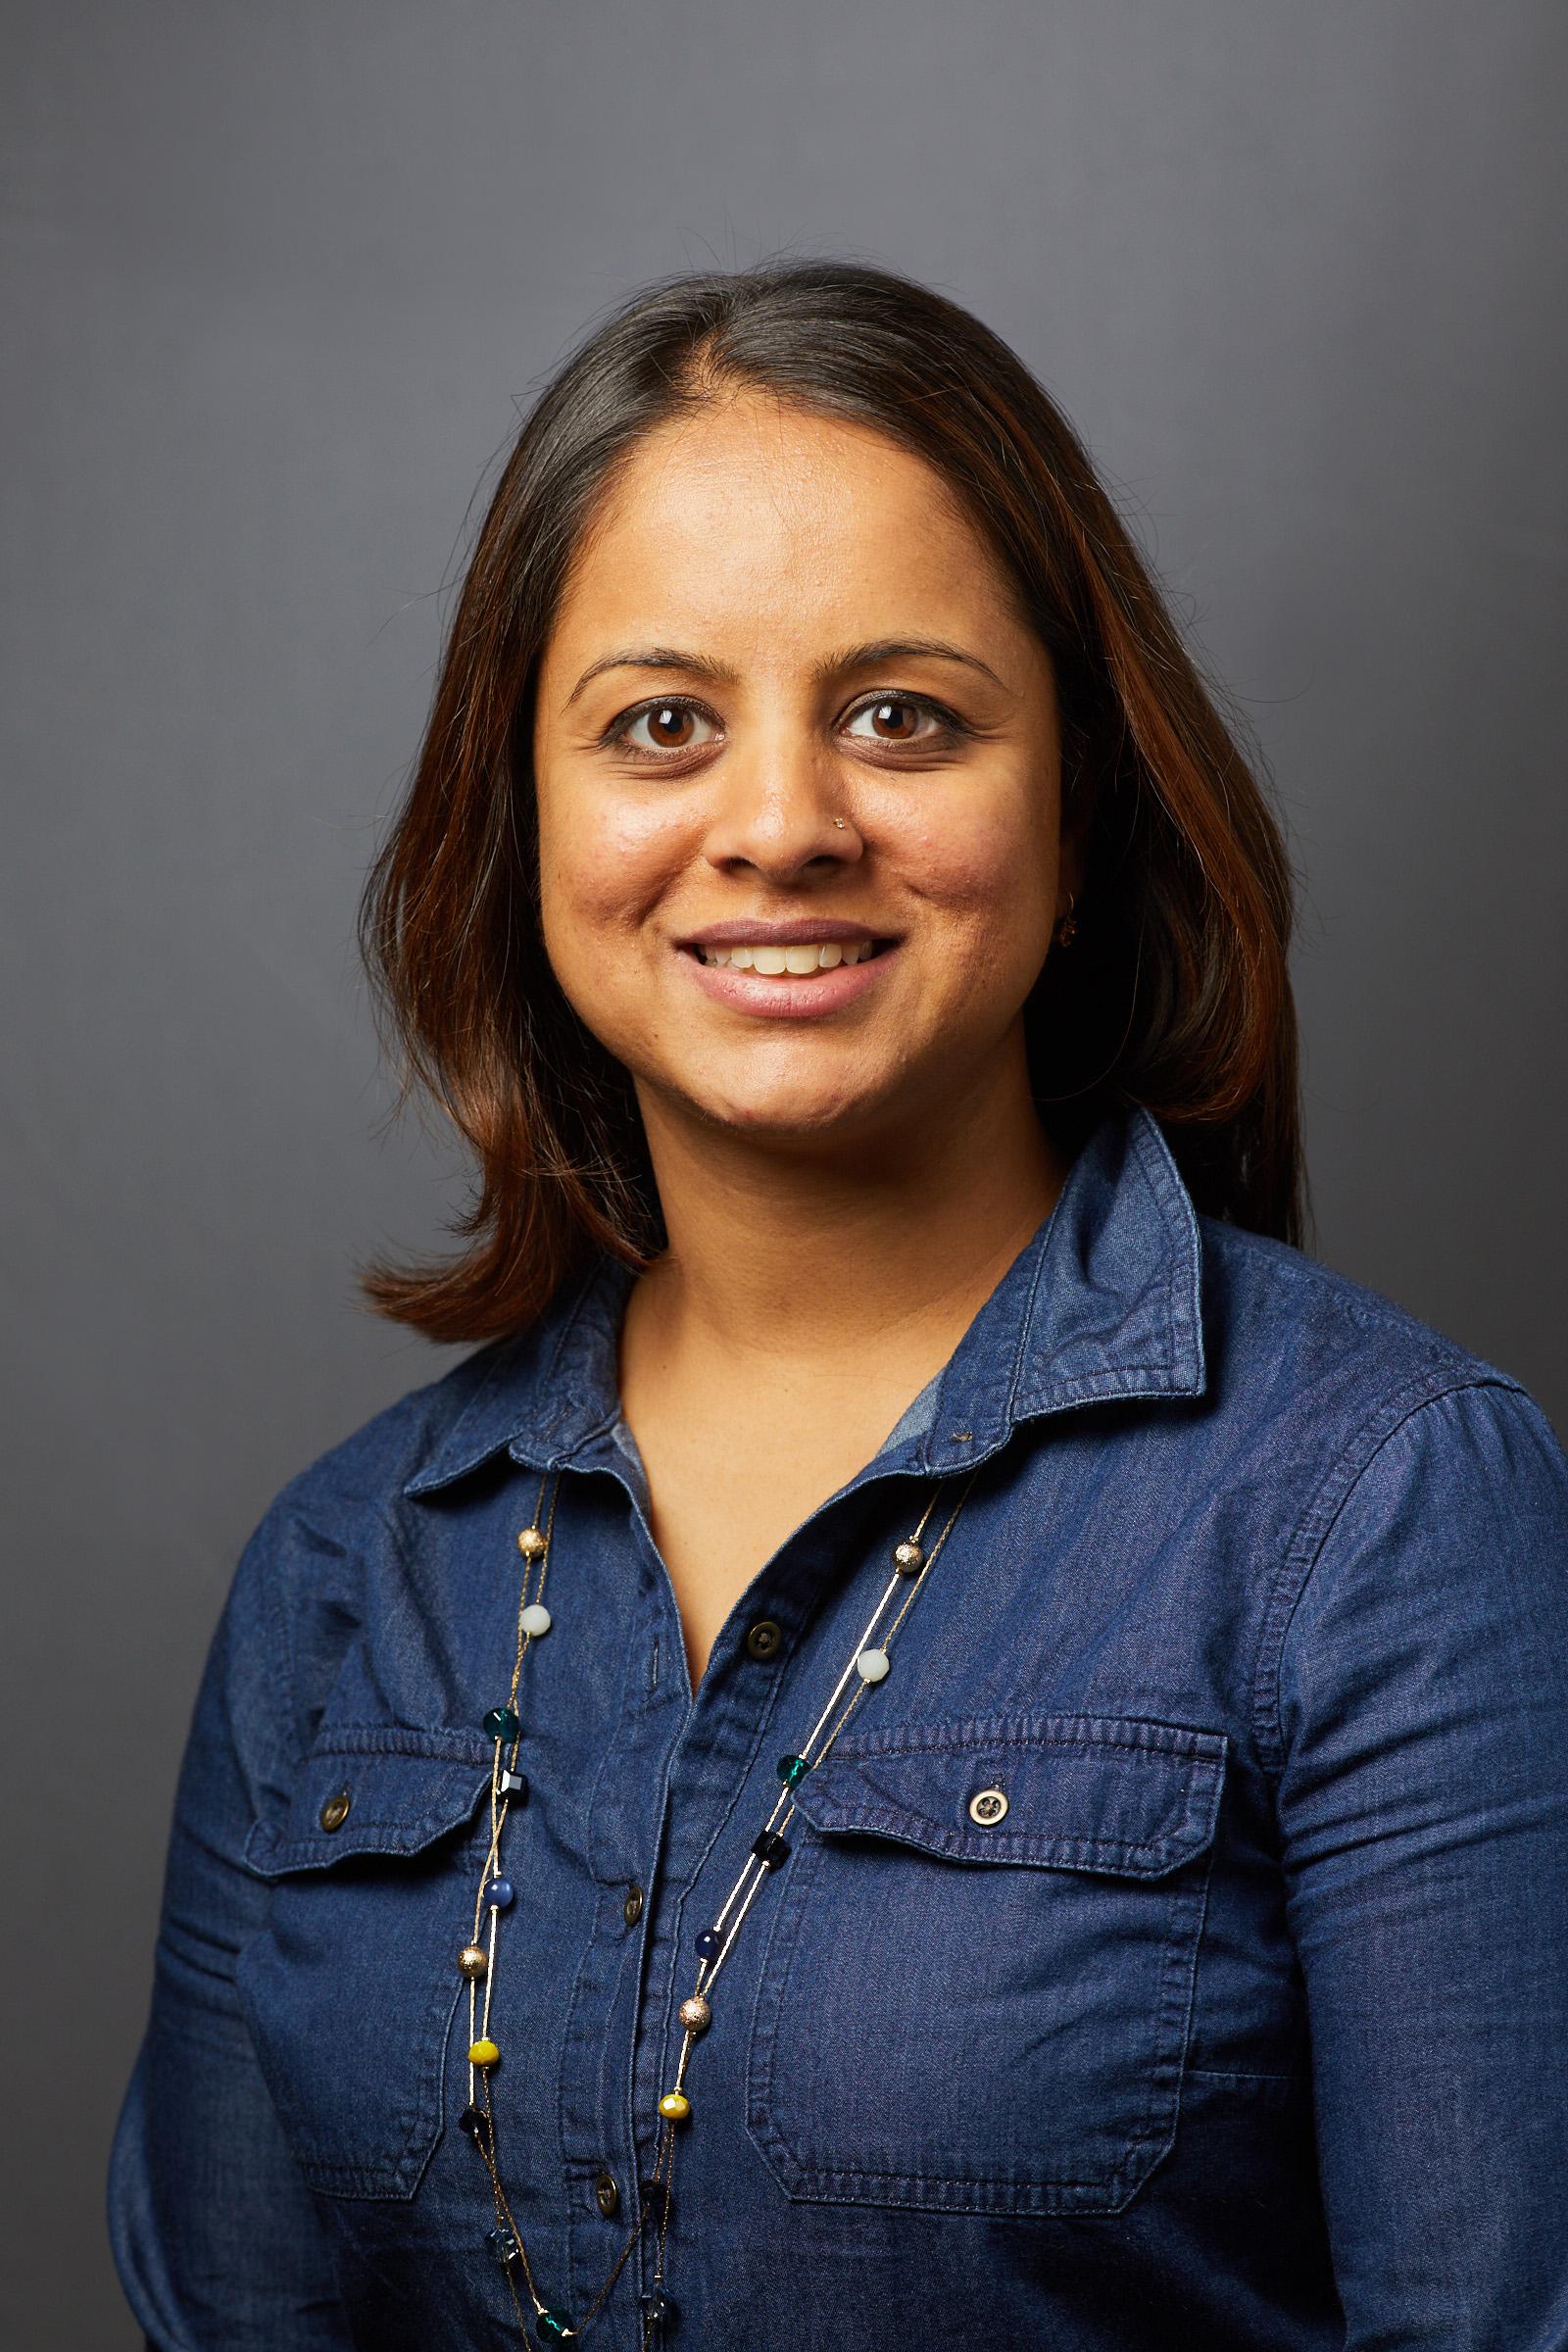 Dr. Sangini Sheth